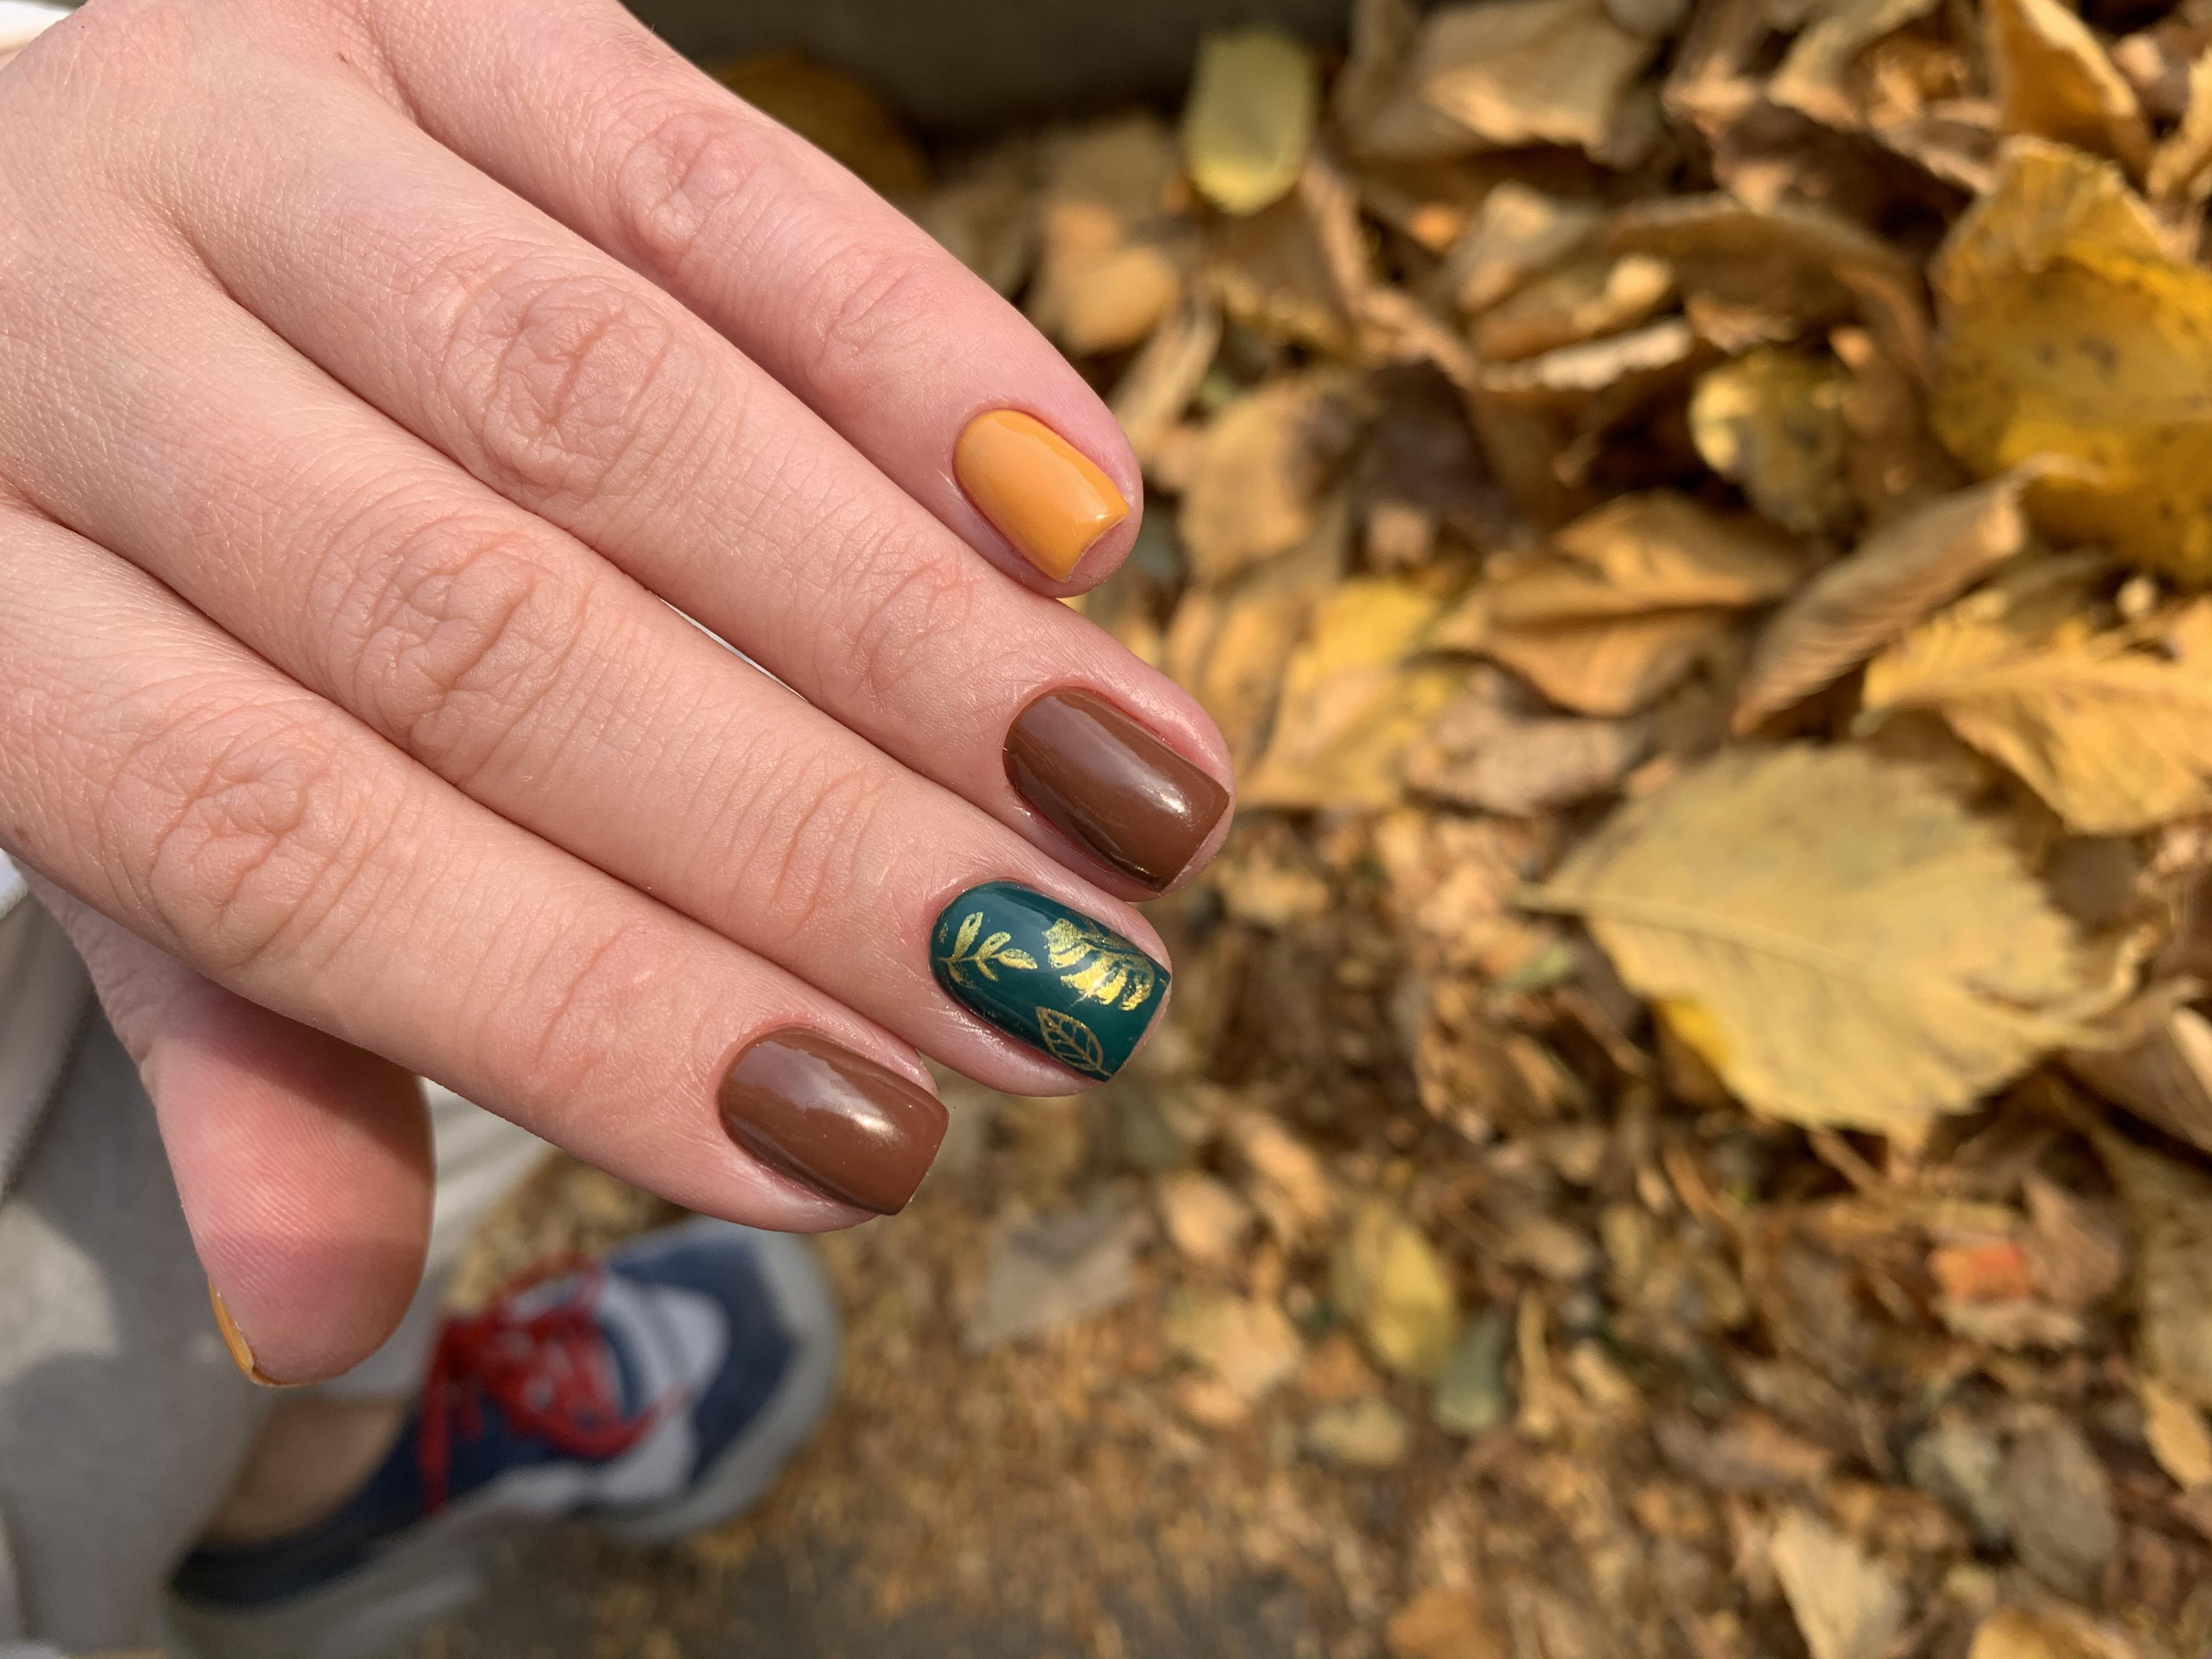 Осенний маникюр с растительными слайдерами на короткие ногти.